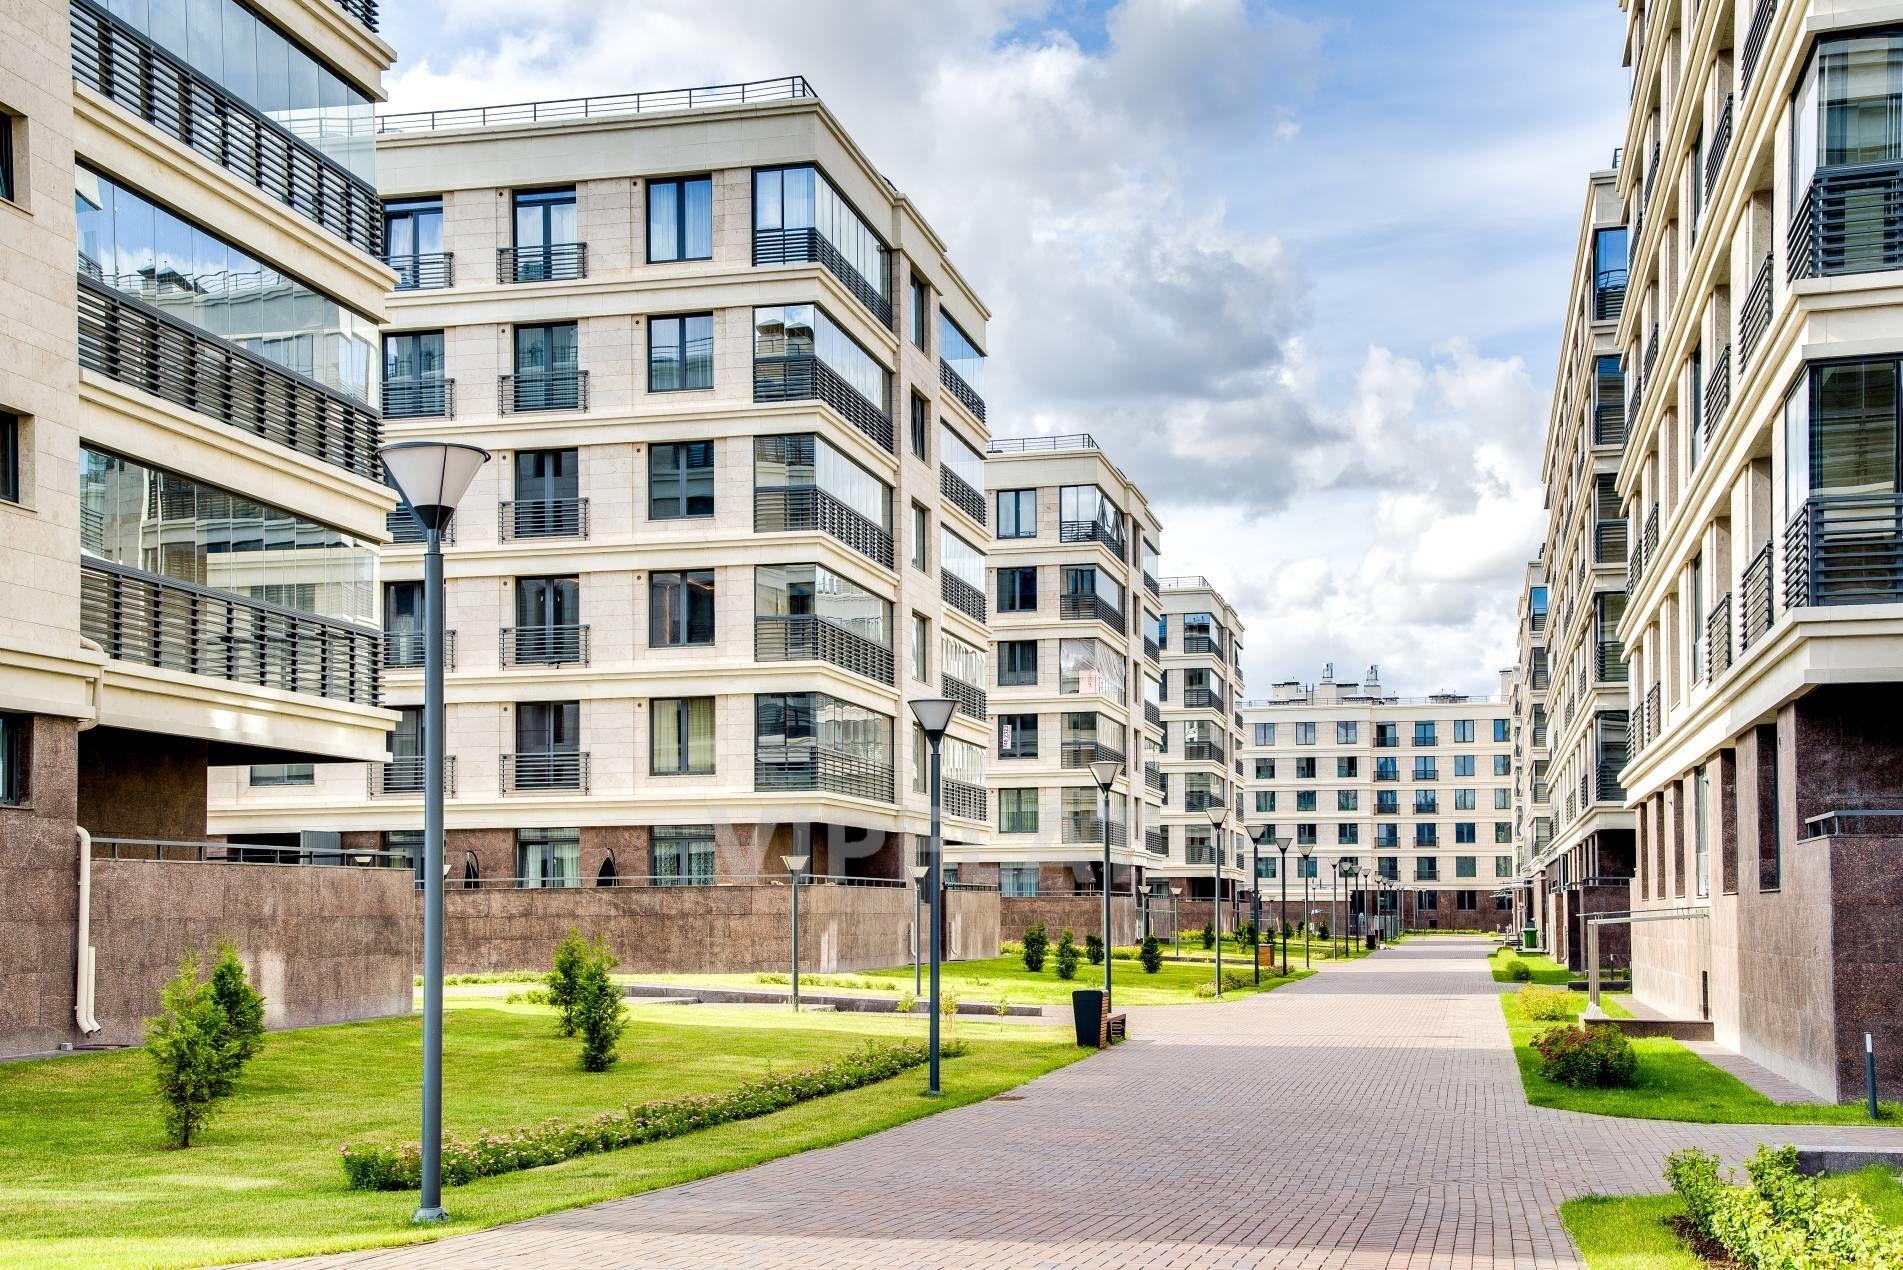 Продажа элитных квартир Санкт-Петербурга. Спортивная ул., 2 Благоустроенная территория комплекса